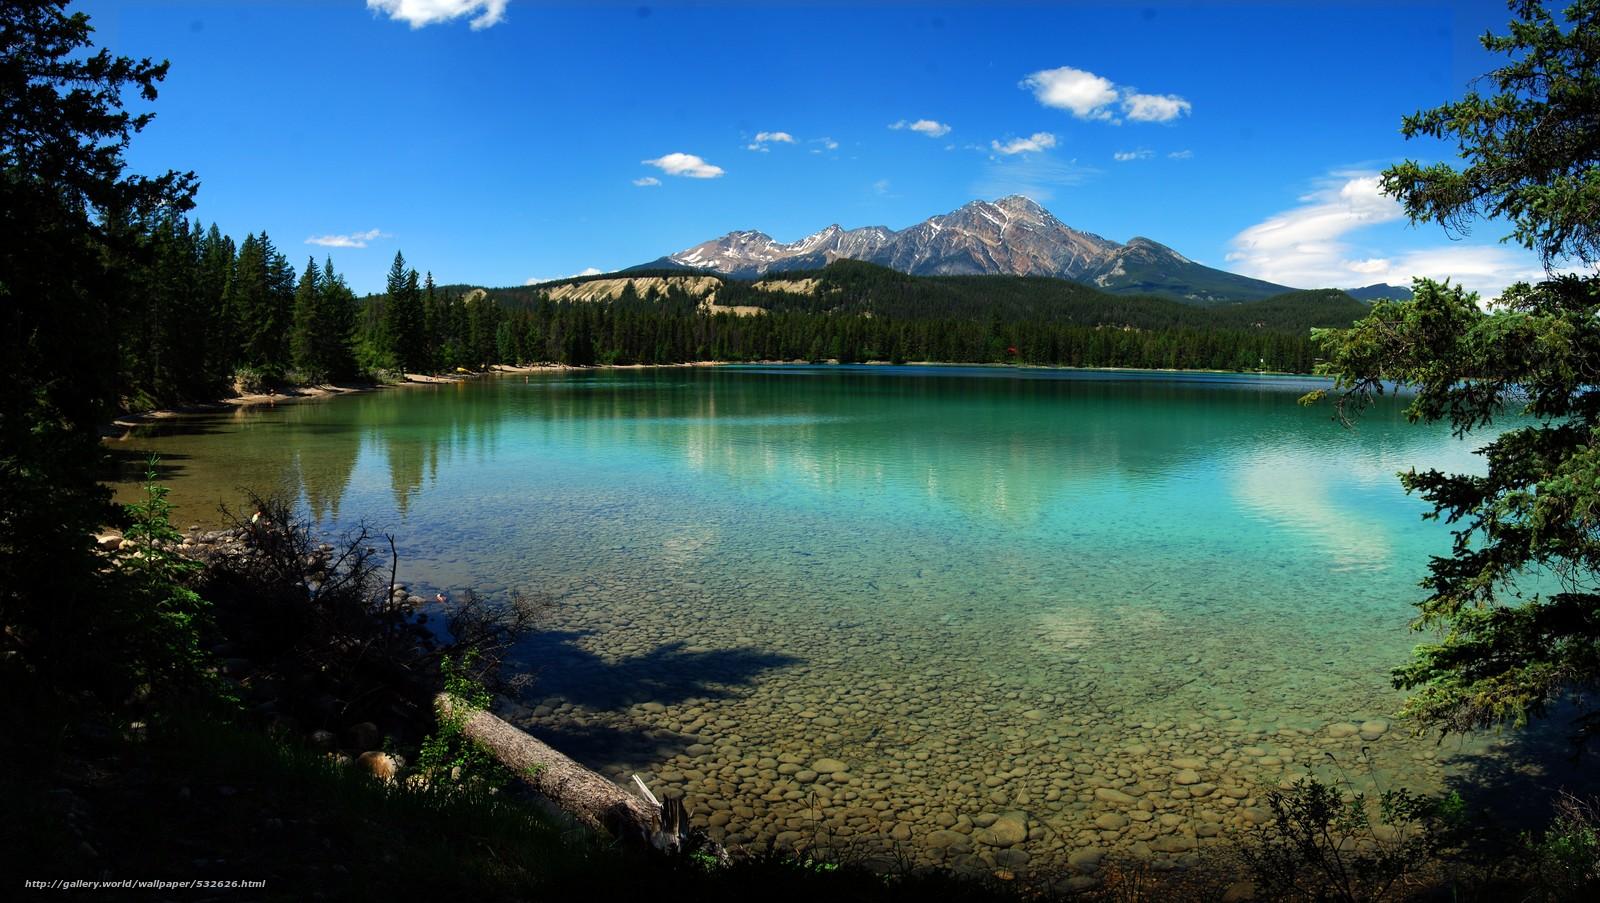 scaricare gli sfondi lago edith,  Parco nazionale Jasper,  alberta,  Canada Sfondi gratis per la risoluzione del desktop 6458x3645 — immagine №532626